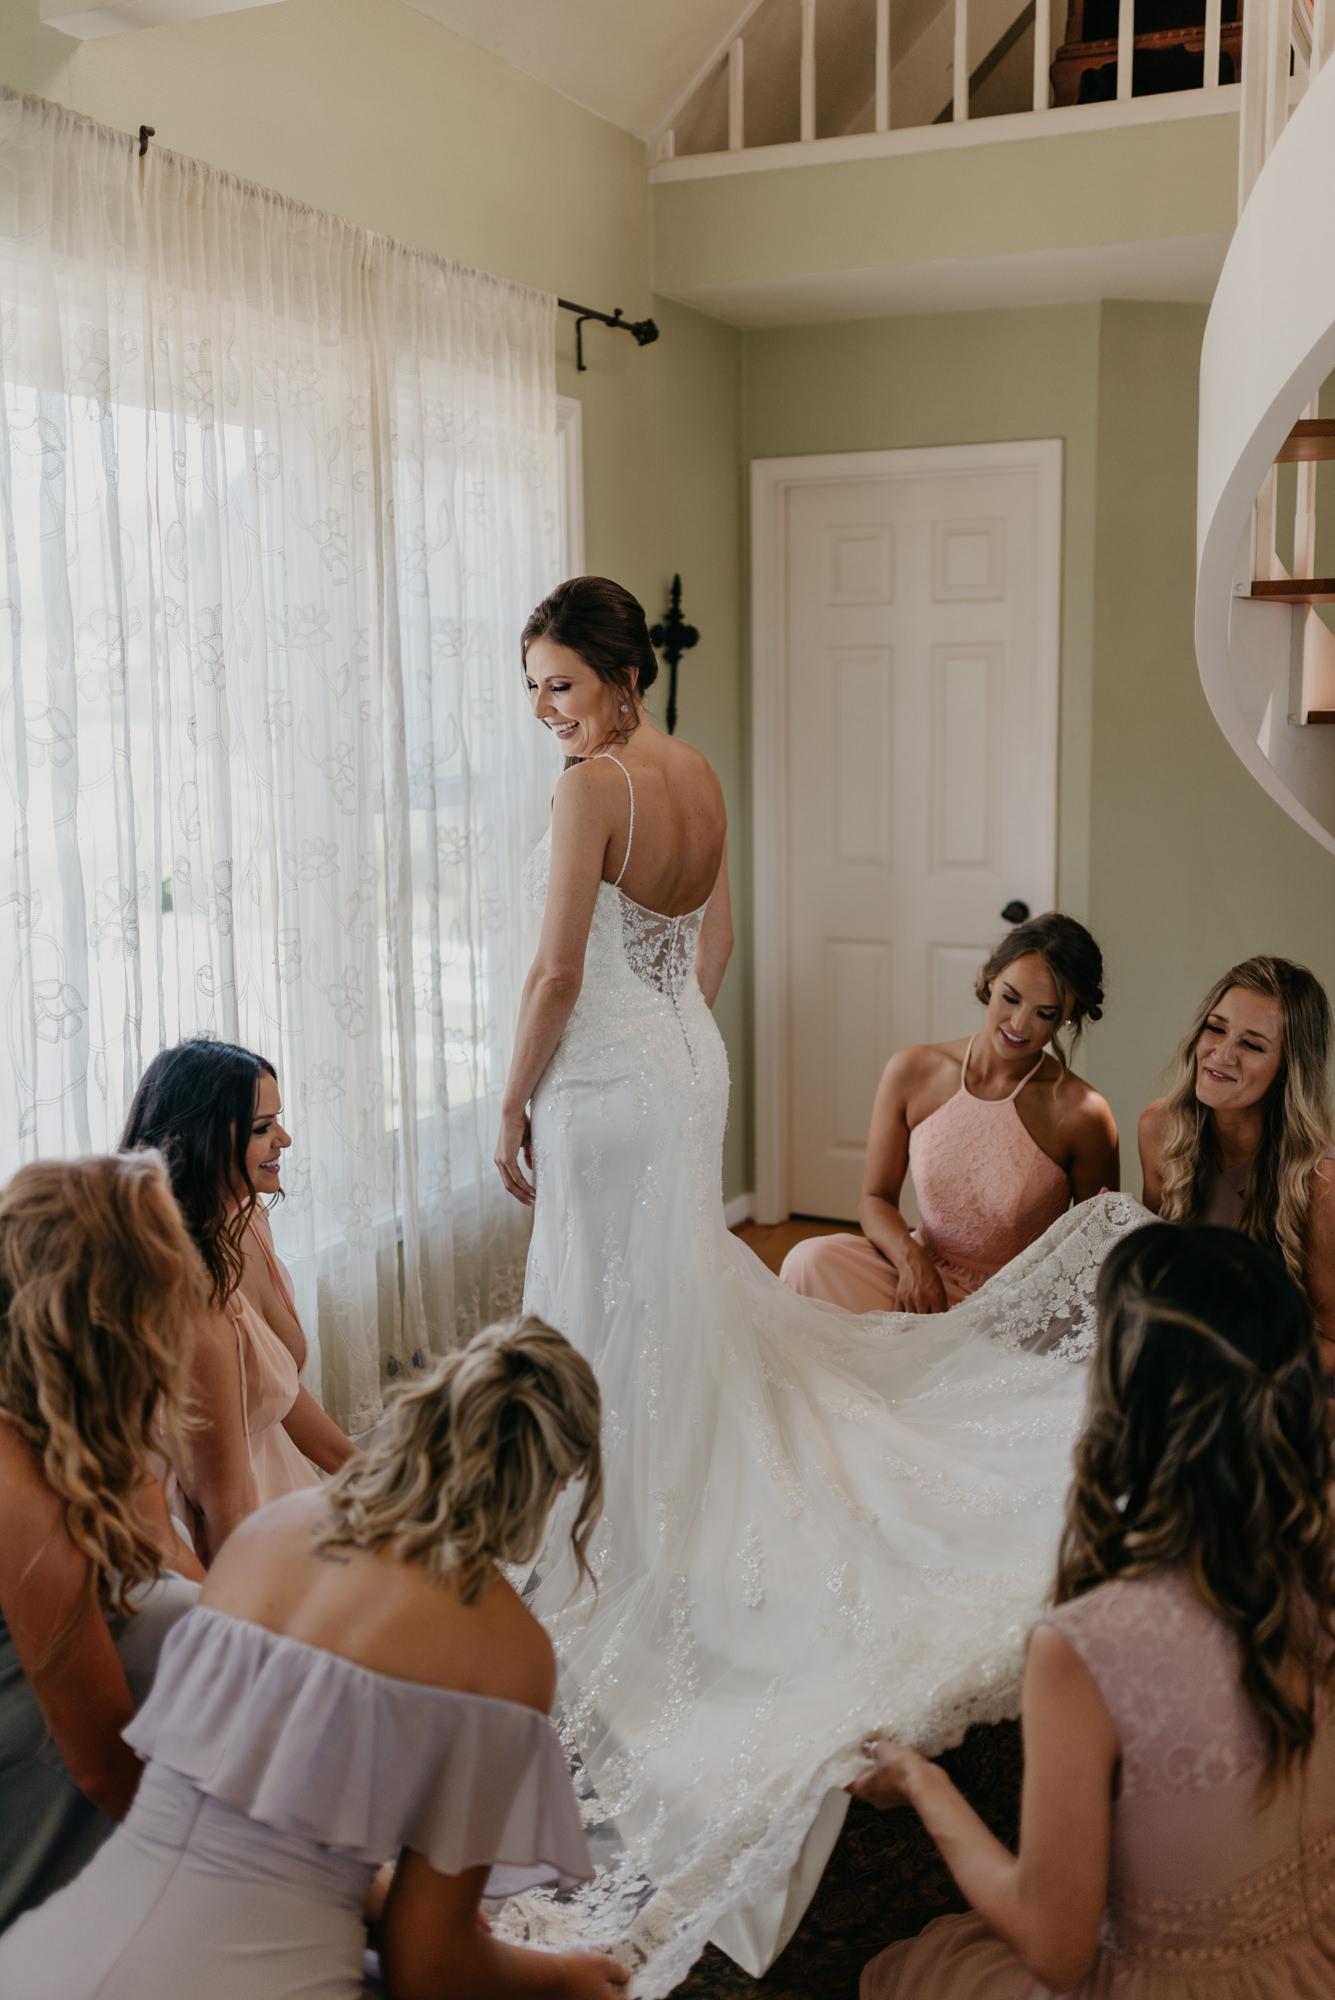 25-Getting-Ready-barn-kestrel-wedding-photos-grey-suit.jpg